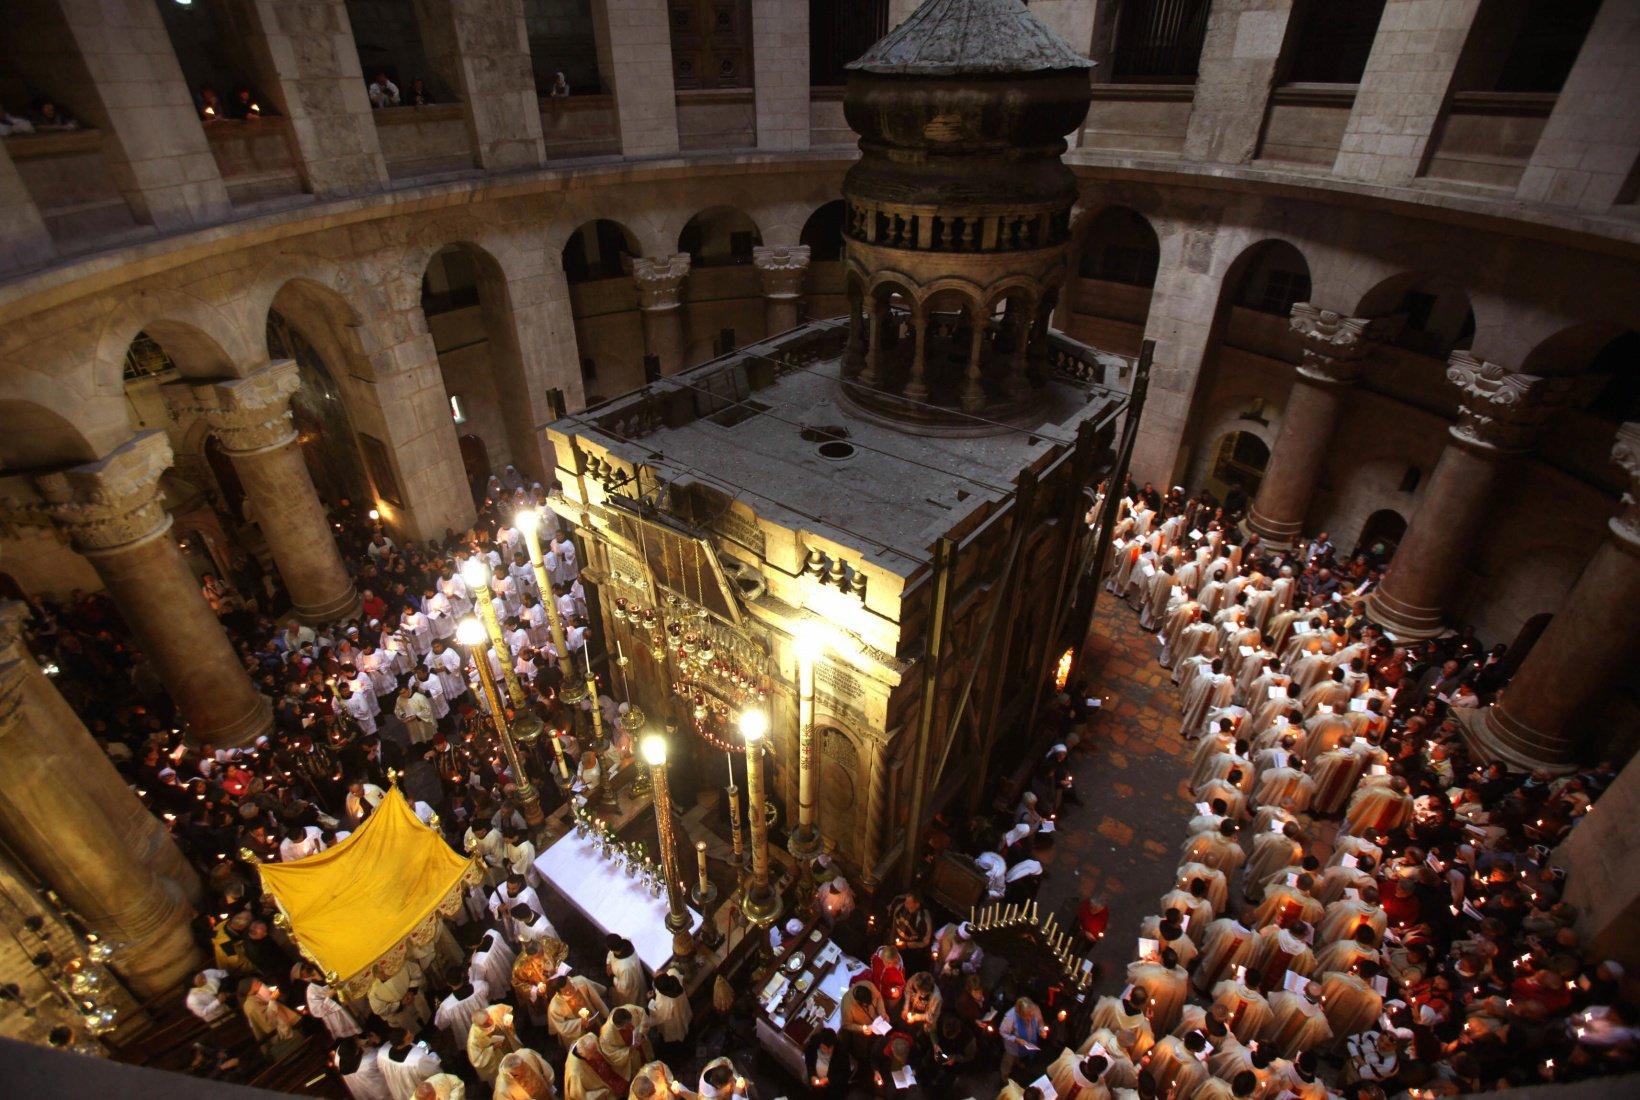 КОМПРЕССИОННОЕ храм гроба господня православный наступлением осенних холодов